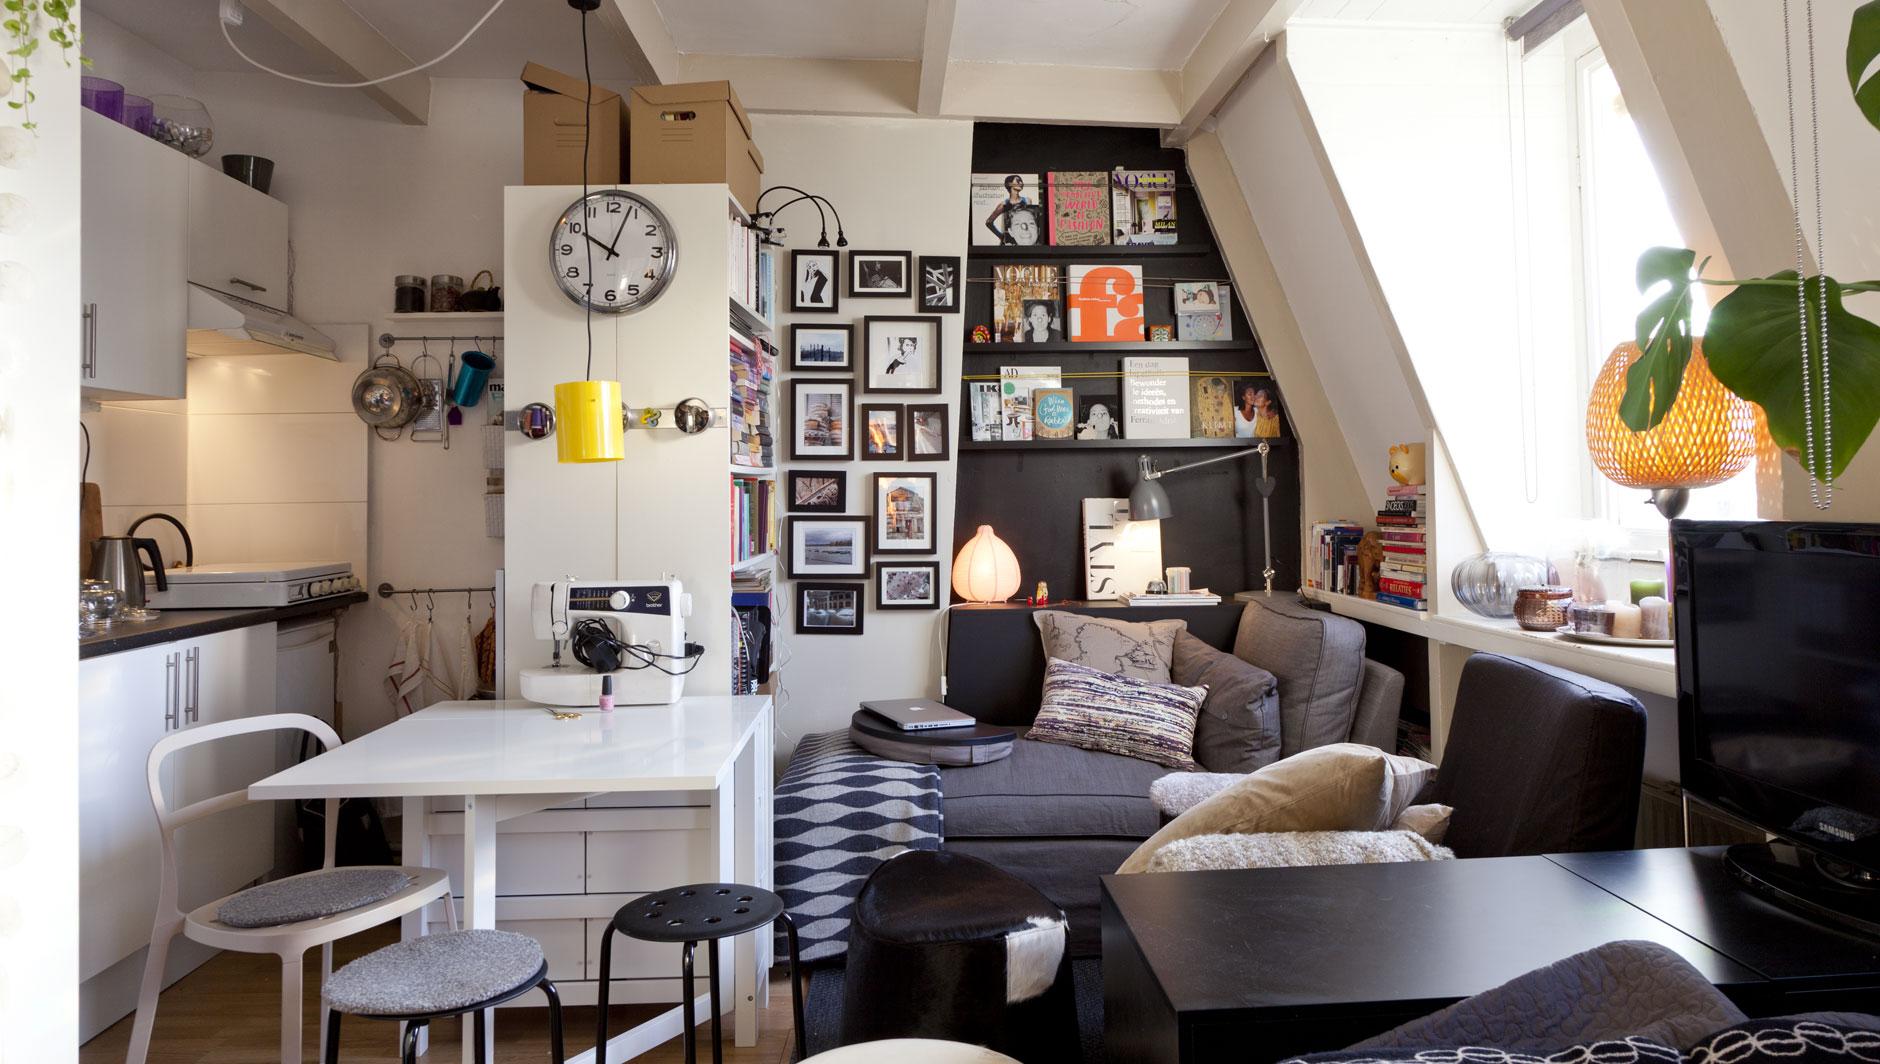 Как расставить мебель в однокомнатной квартире функционально